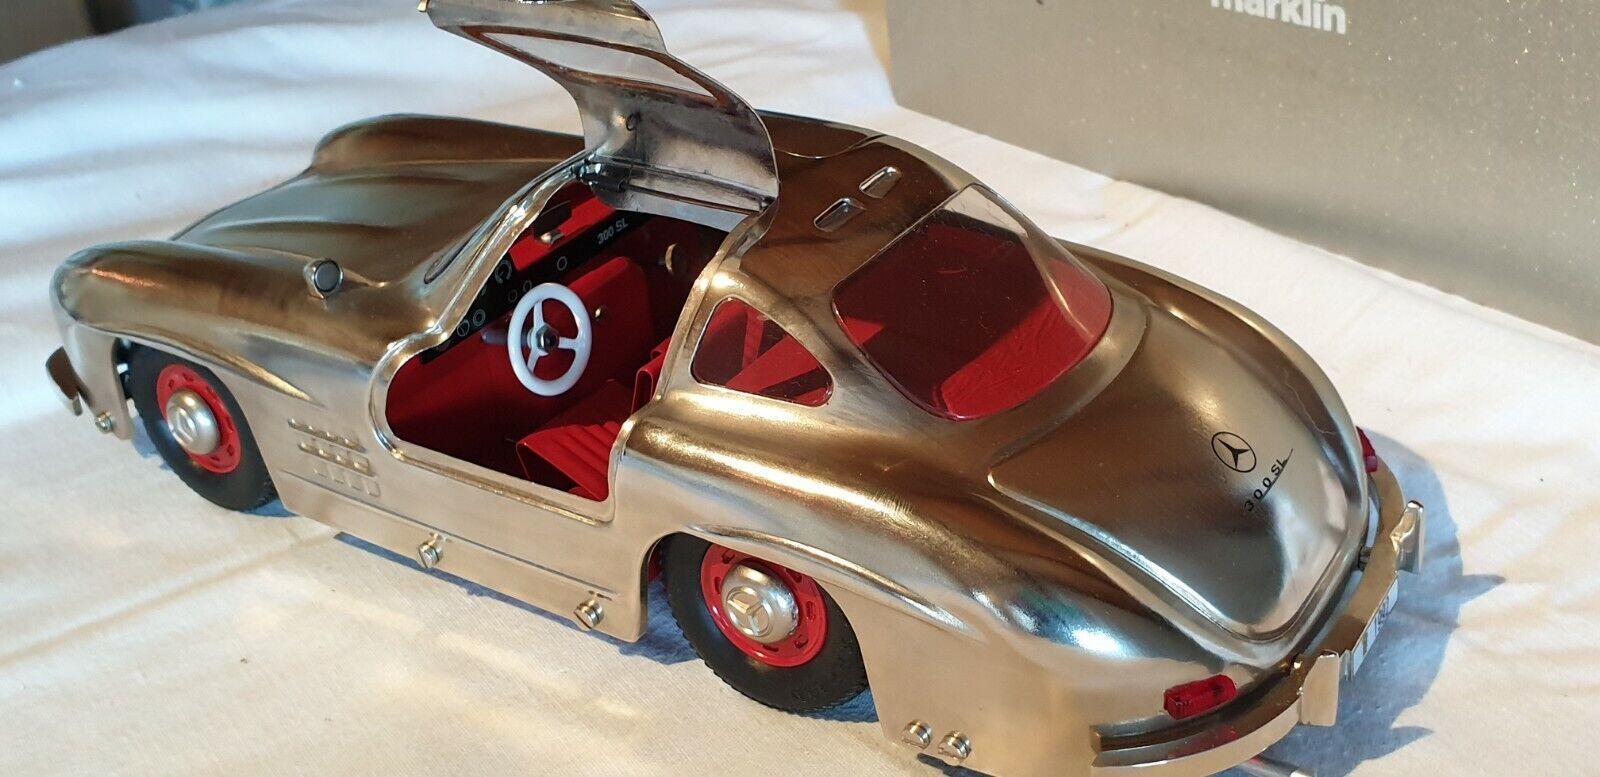 Märklin metall Mercedes 300 SL,hochglanz,Jubil-modell nr.1952  aus aus aus 1992 neu, OVP  | Klein und fein  3b671d